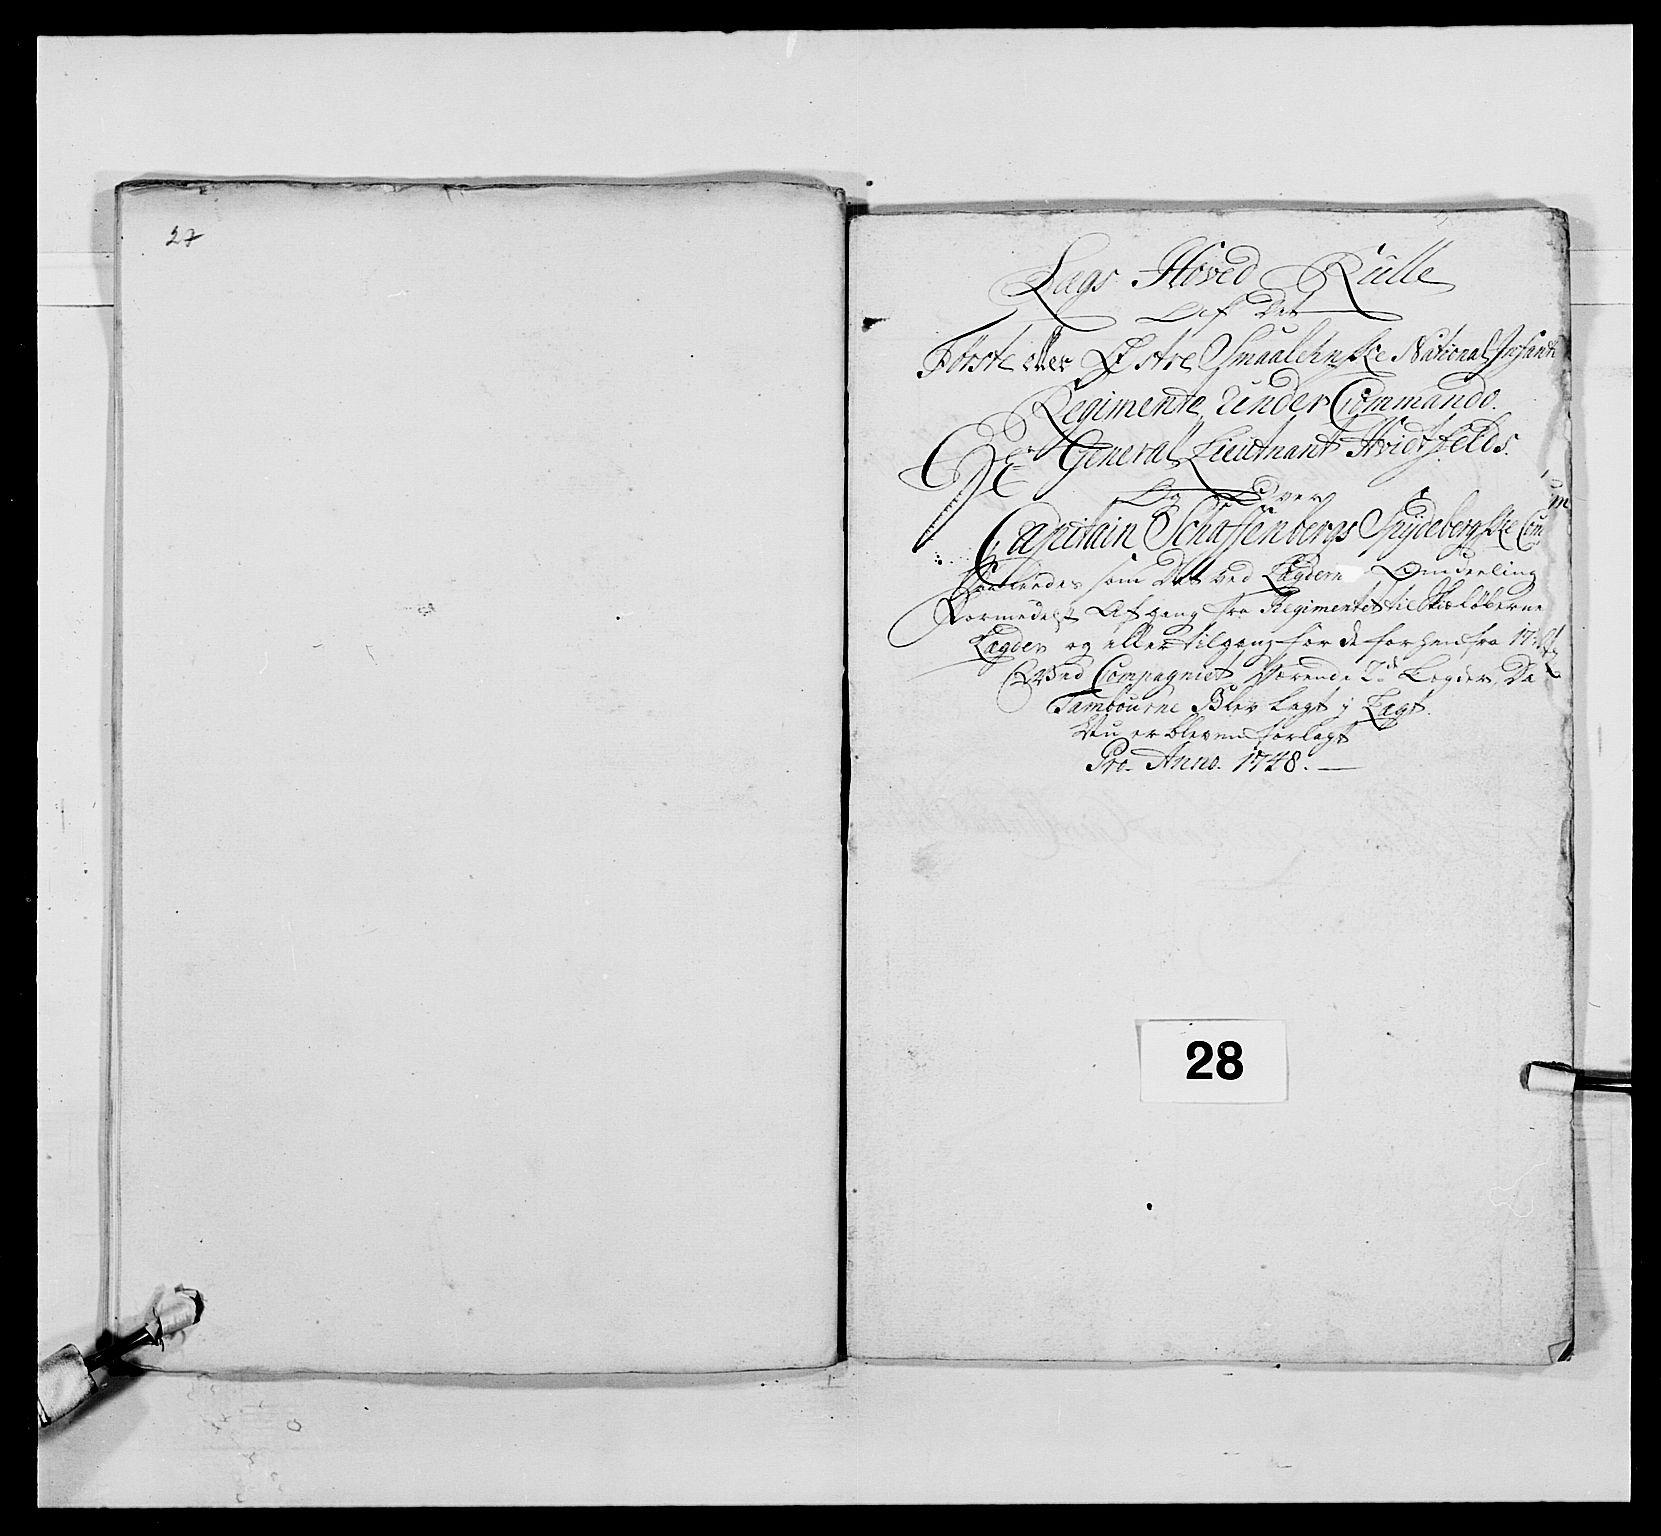 RA, Kommanderende general (KG I) med Det norske krigsdirektorium, E/Ea/L0495: 1. Smålenske regiment, 1732-1763, s. 428